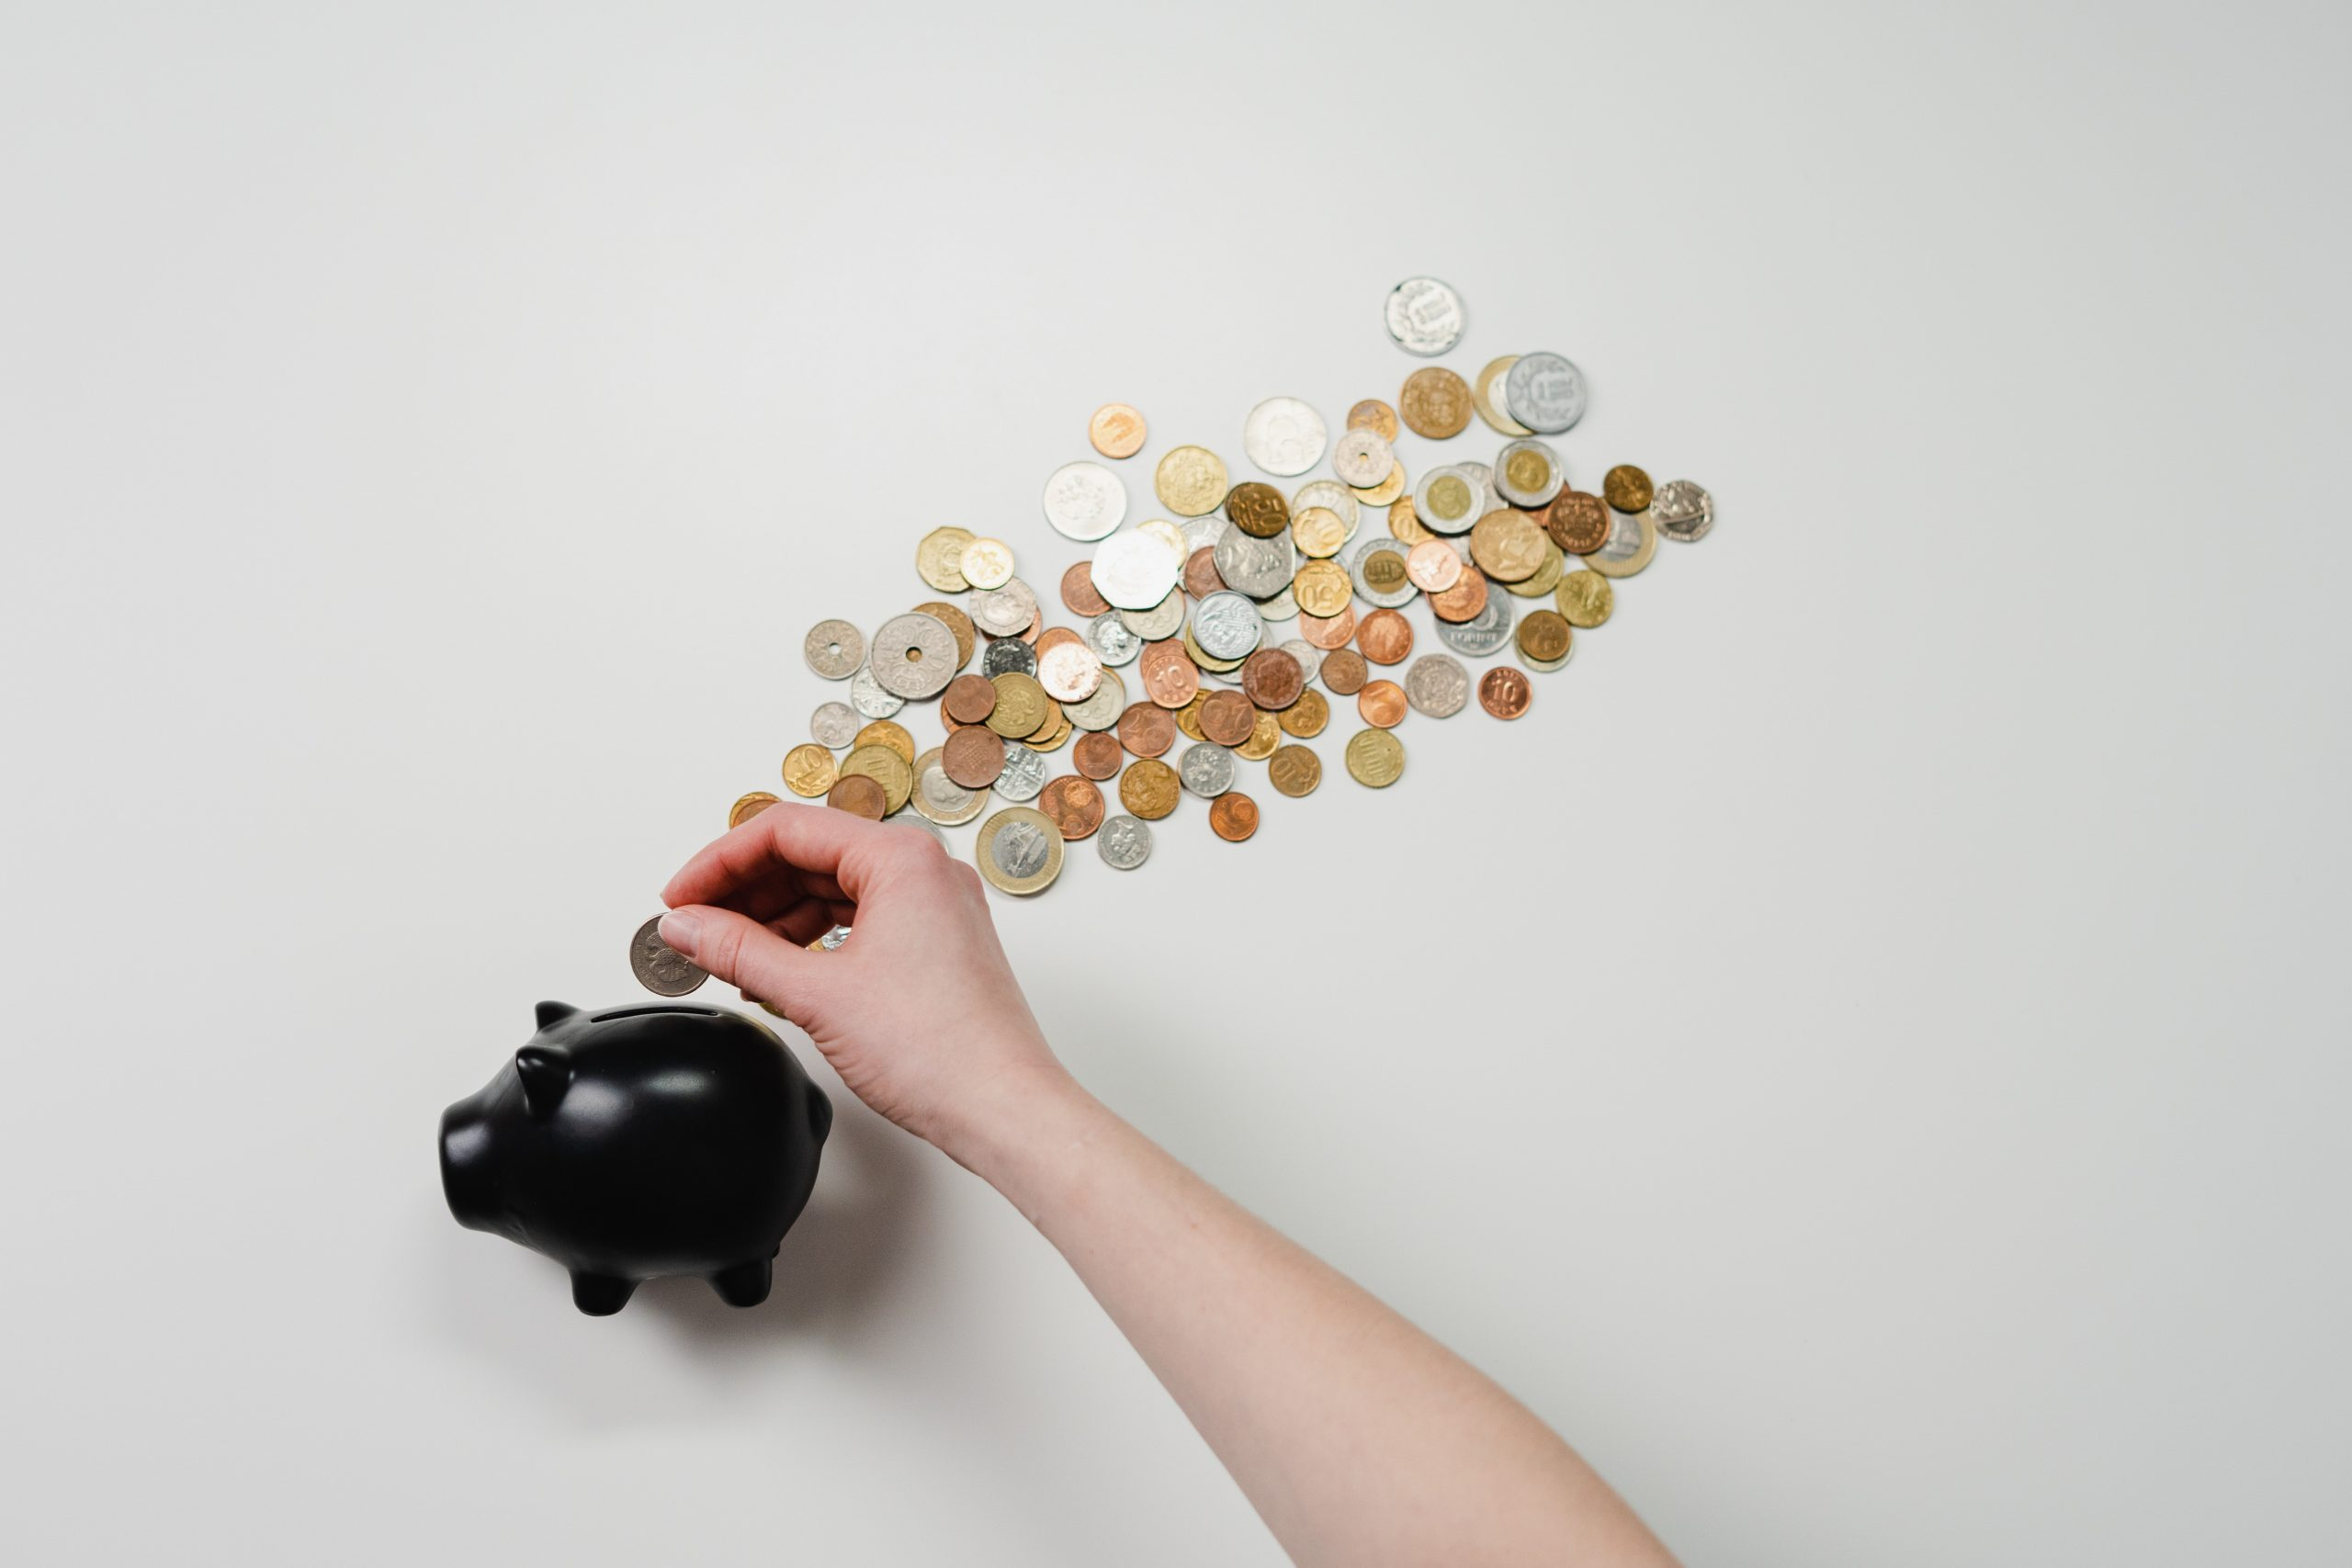 Jak znaleźć źródło finansowania dla startupu?